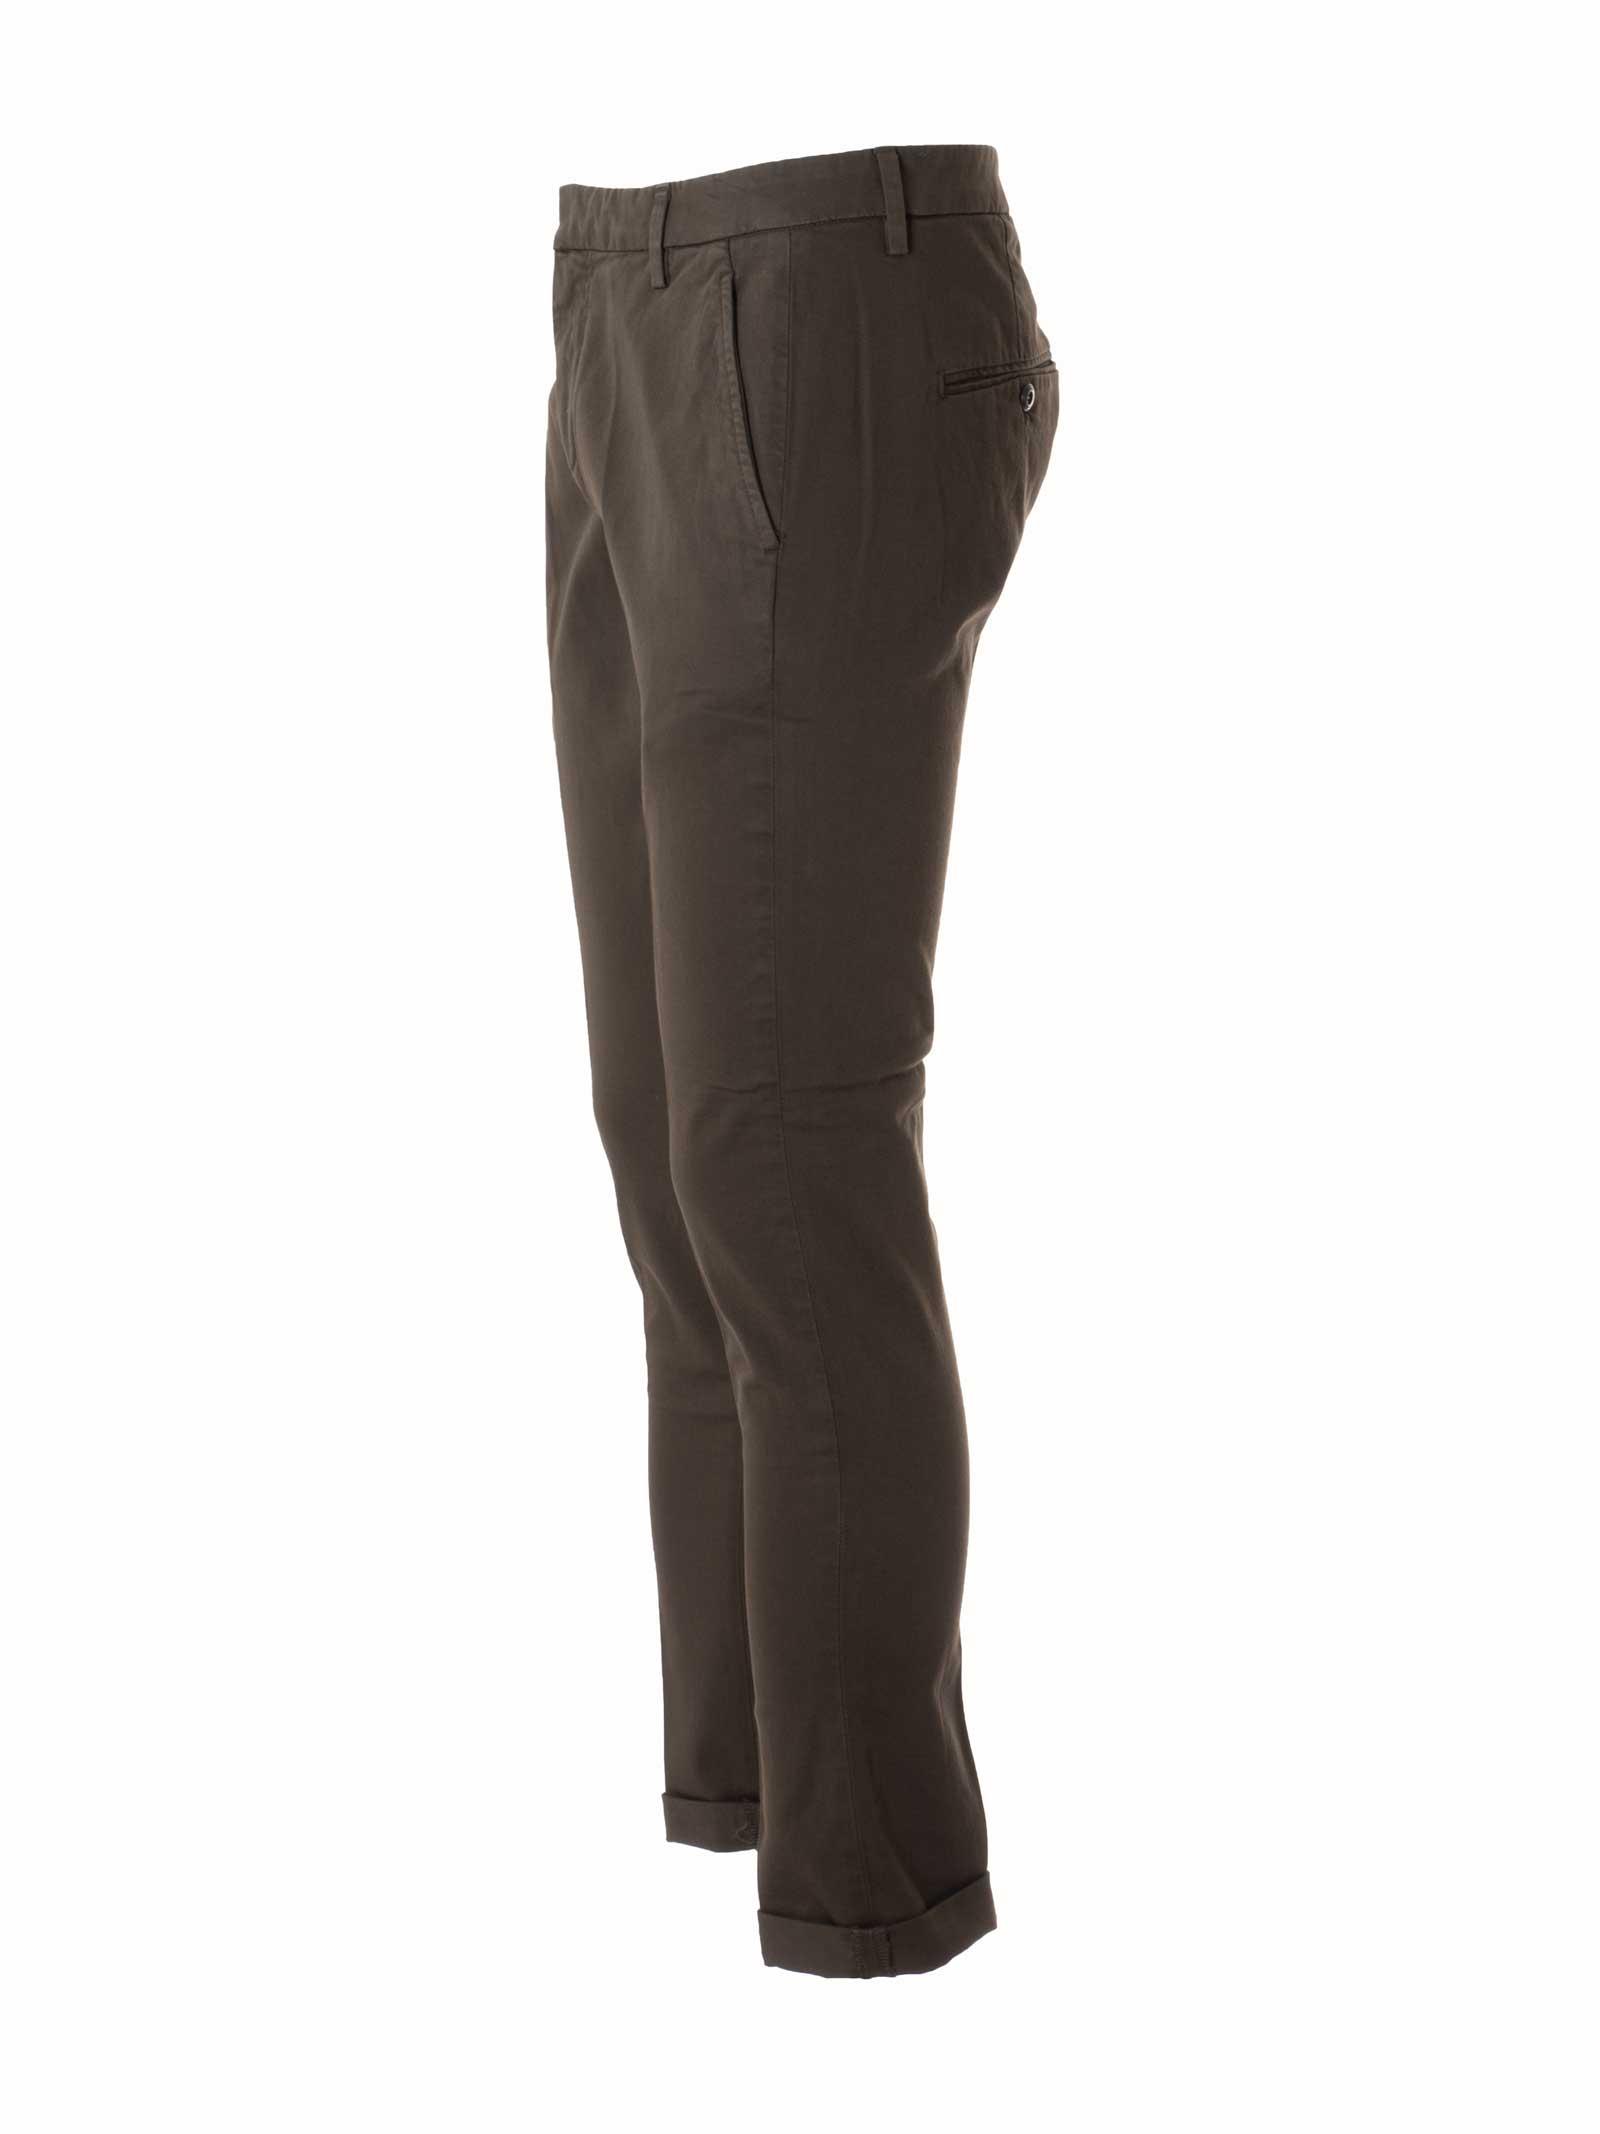 pantalone chino DONDUP   UP235GSE045U697